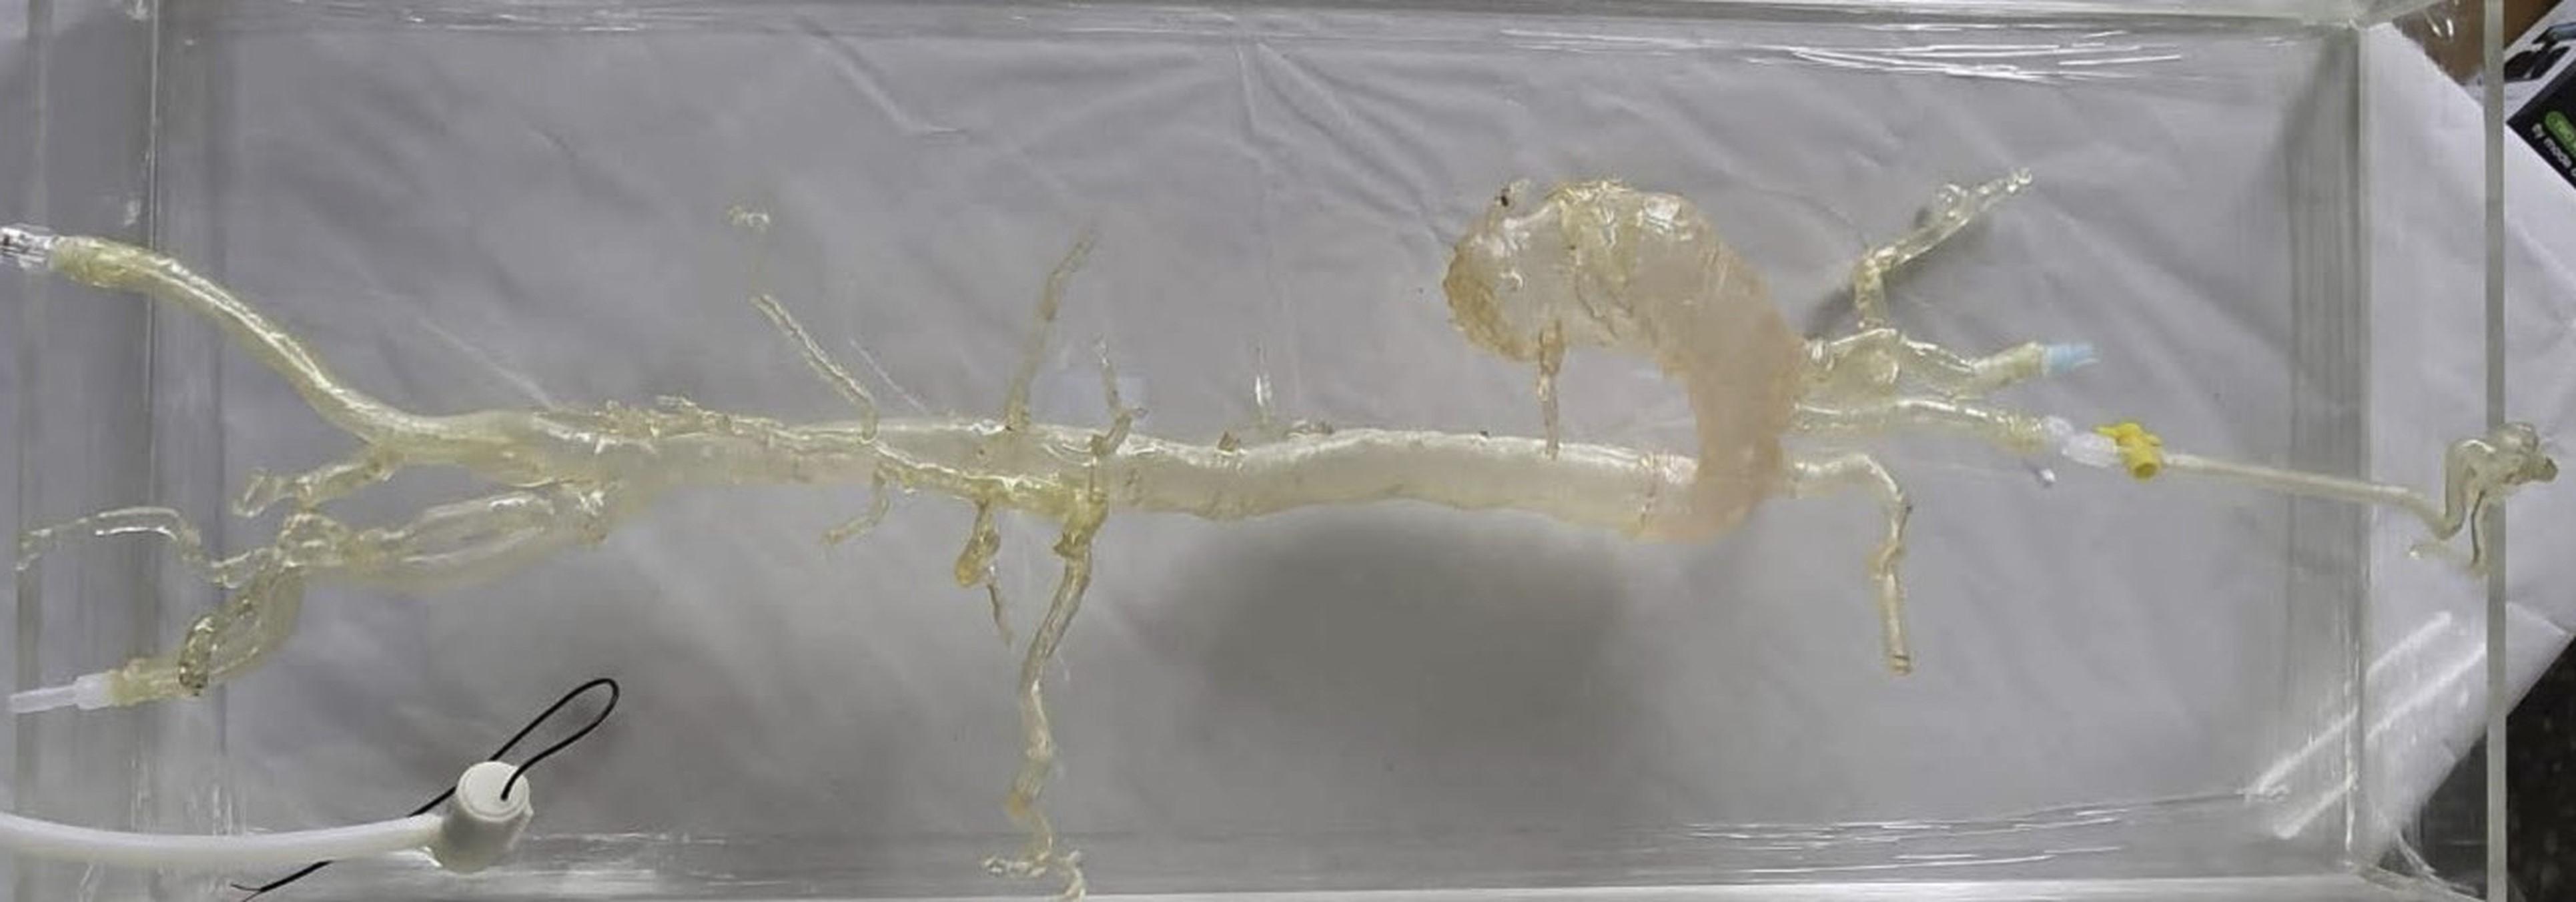 整合式擬真血管模具展示